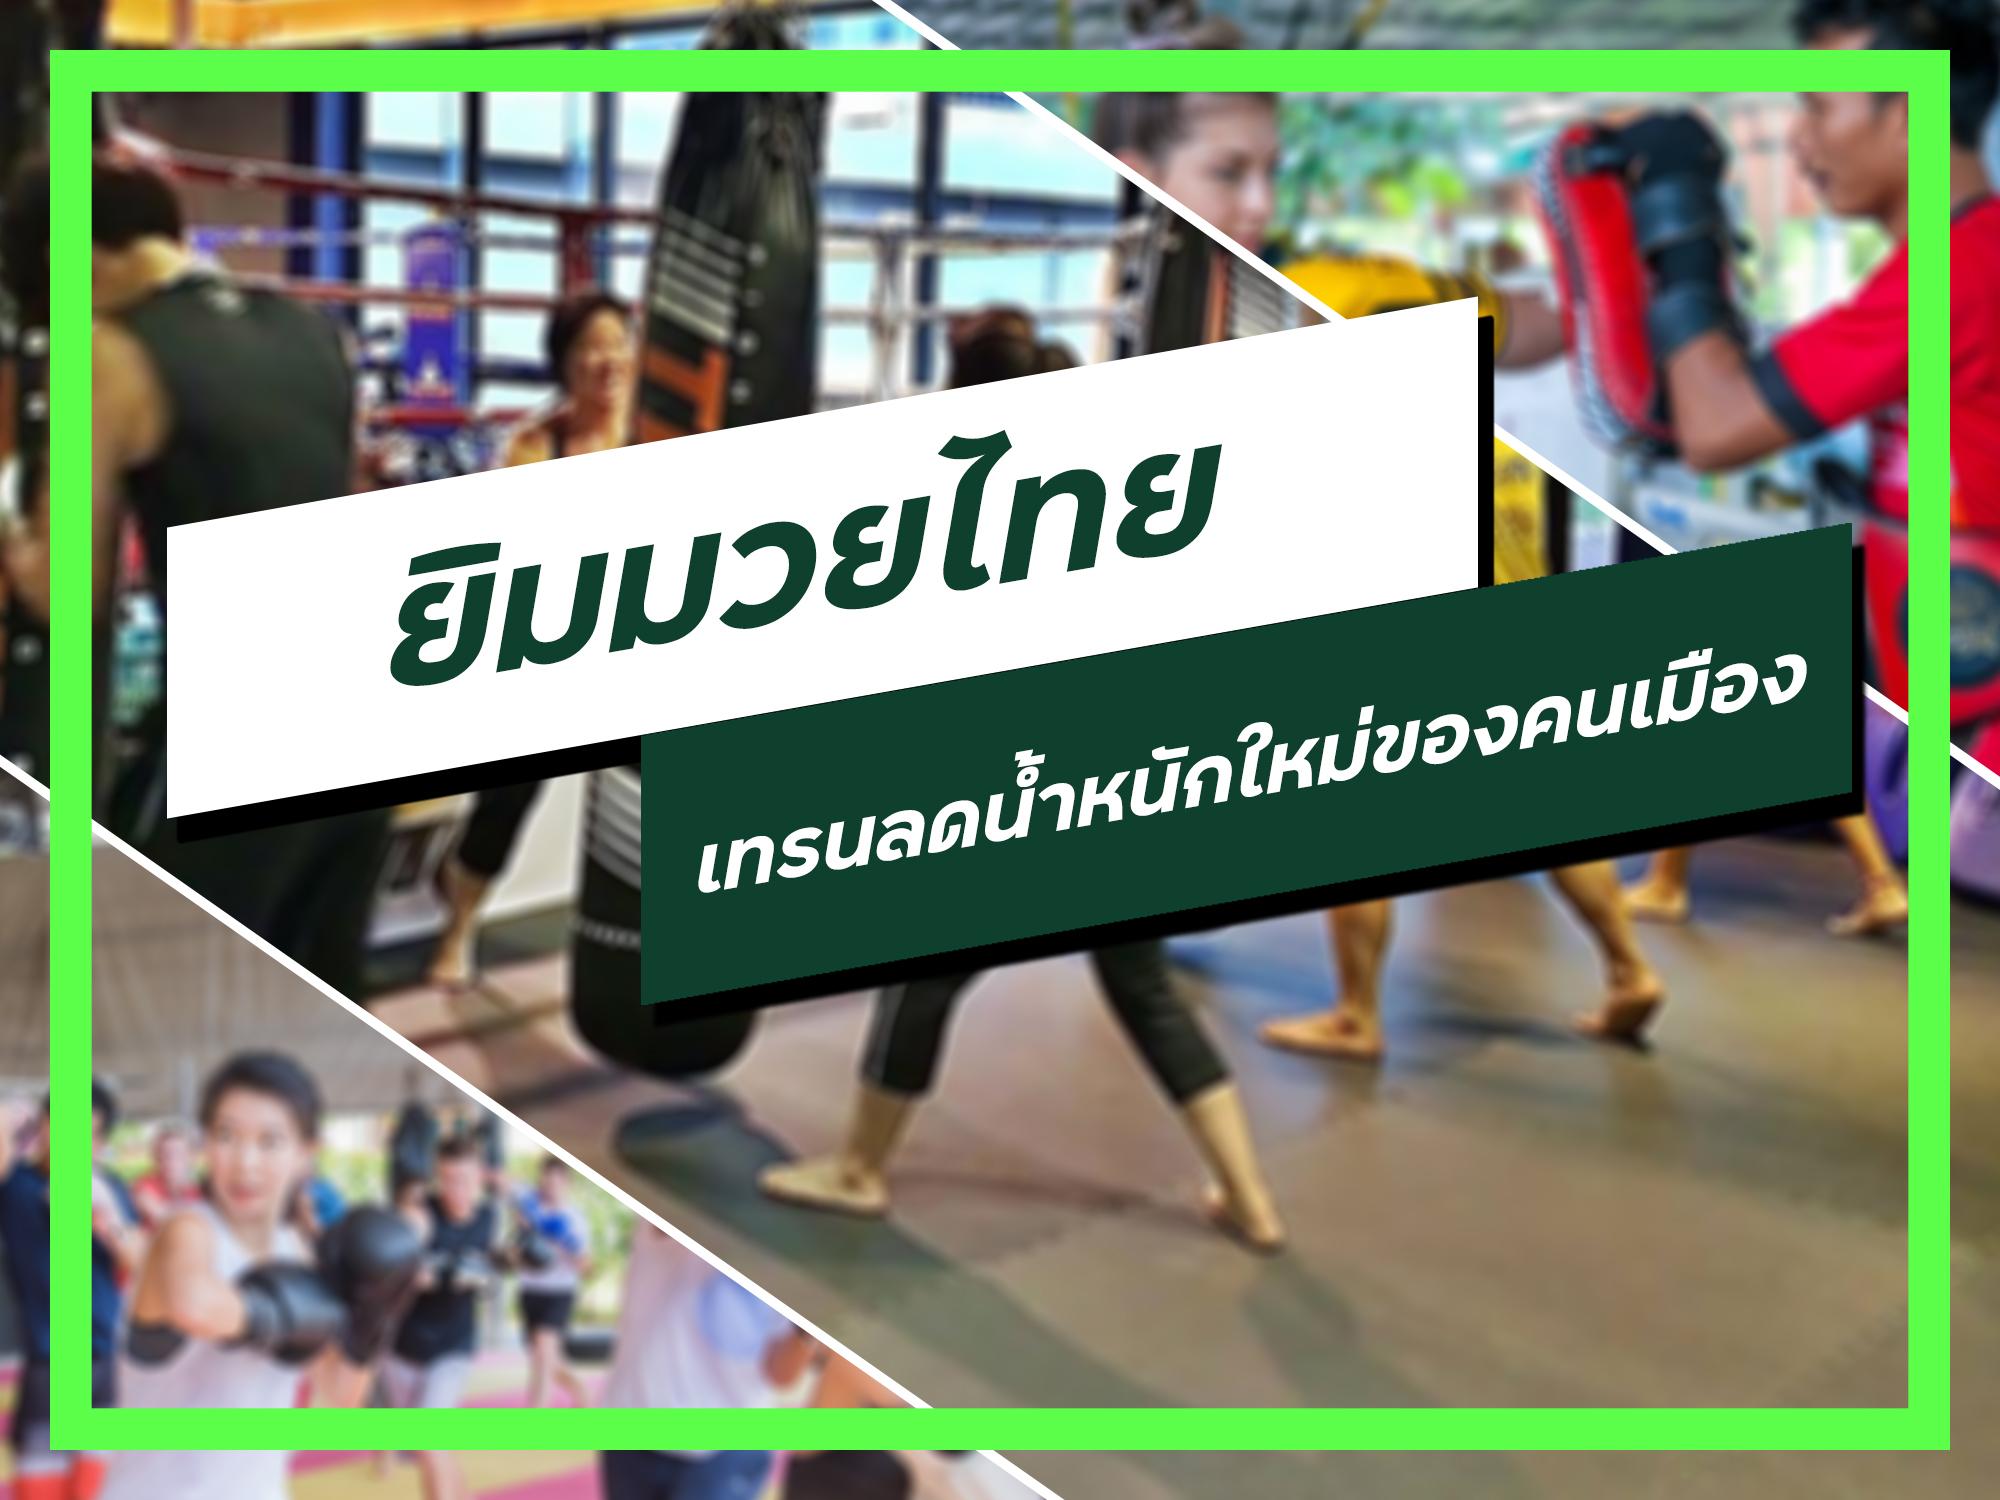 ยิมมวยไทย เทรนลดน้ำหนักใหม่ของคนเมือง